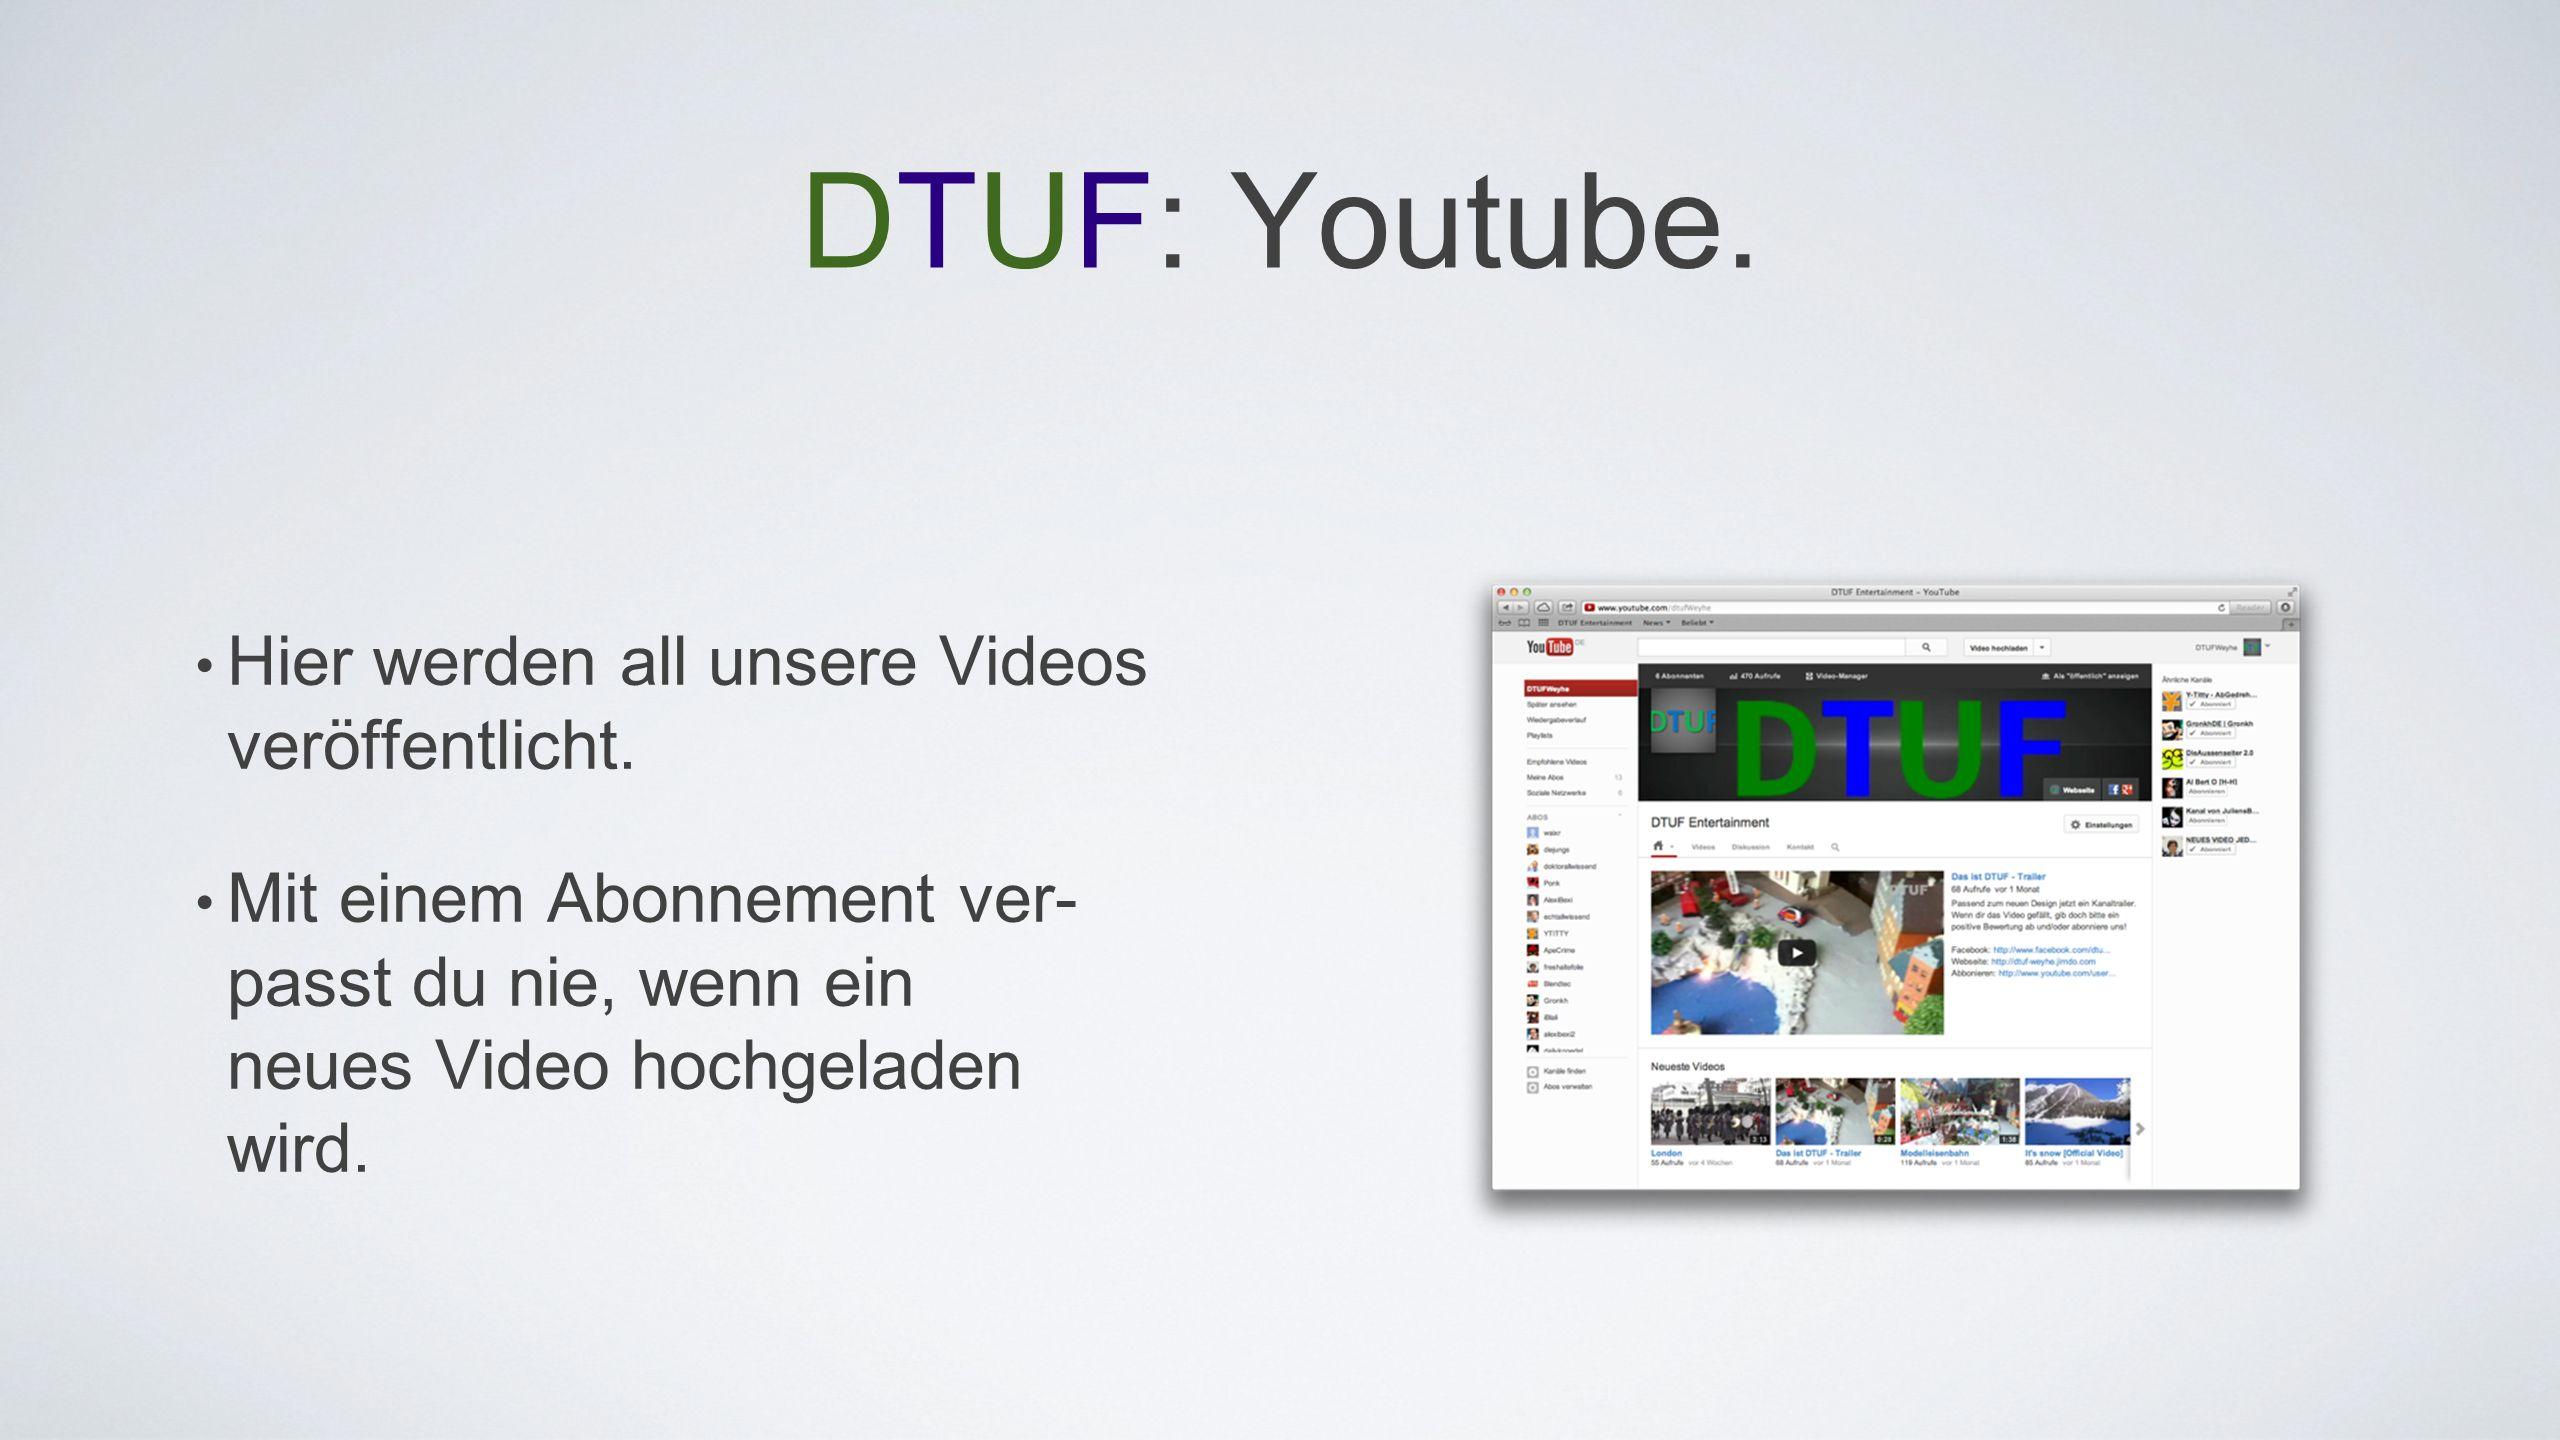 DTUF: innovative Postproduction. innovative Postproduction dank modernster Videoschnitt-Software